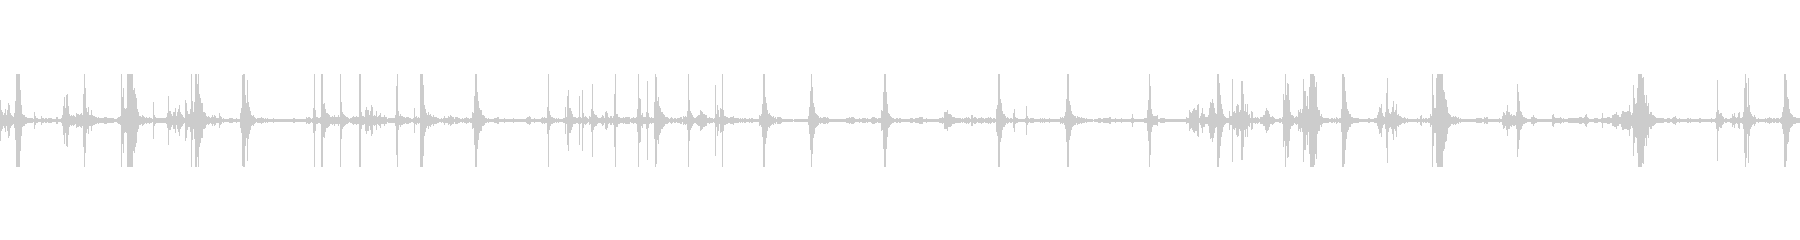 ドアメタルボルトシャットウィグルの未再生の波形